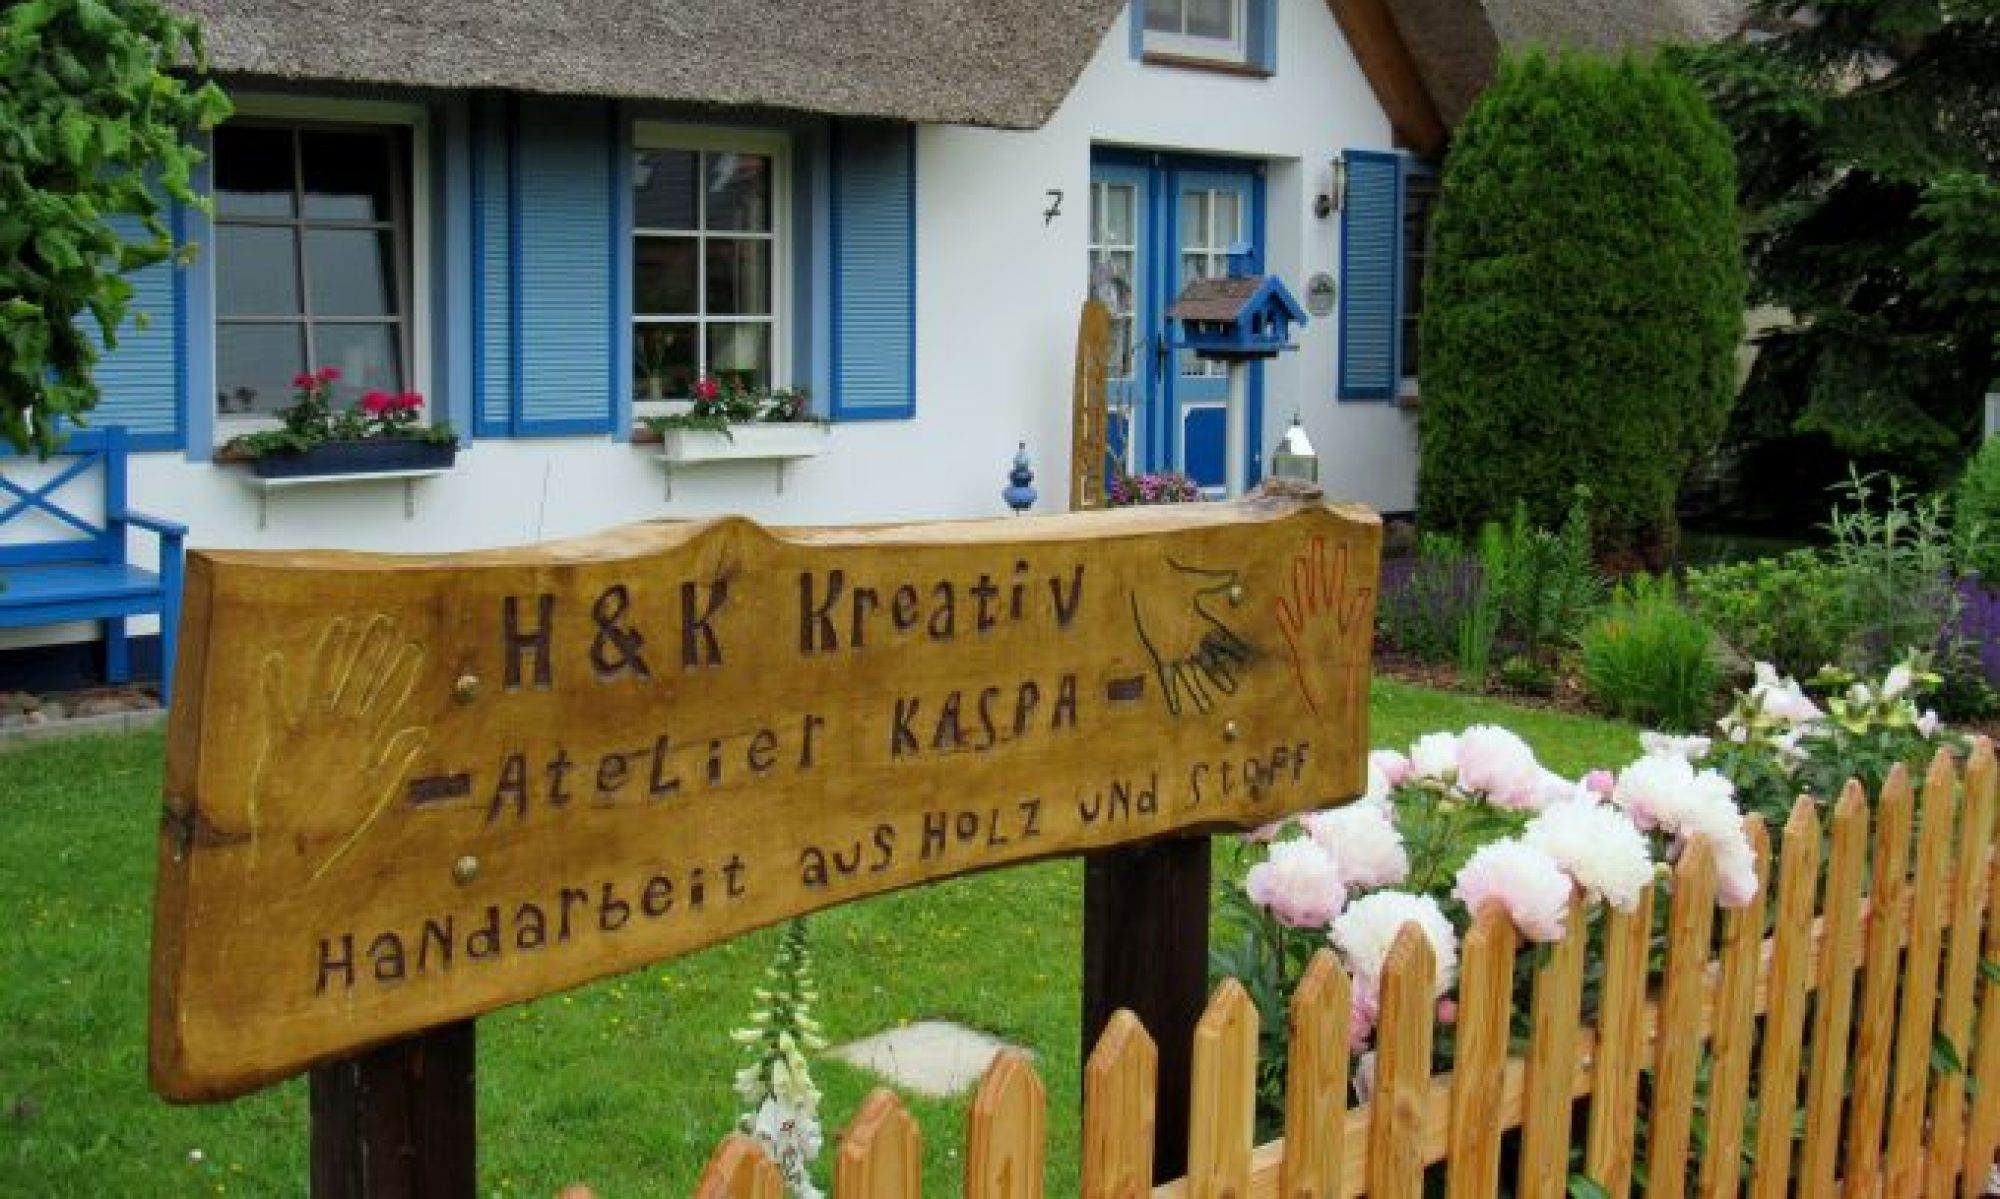 h & k kreativ